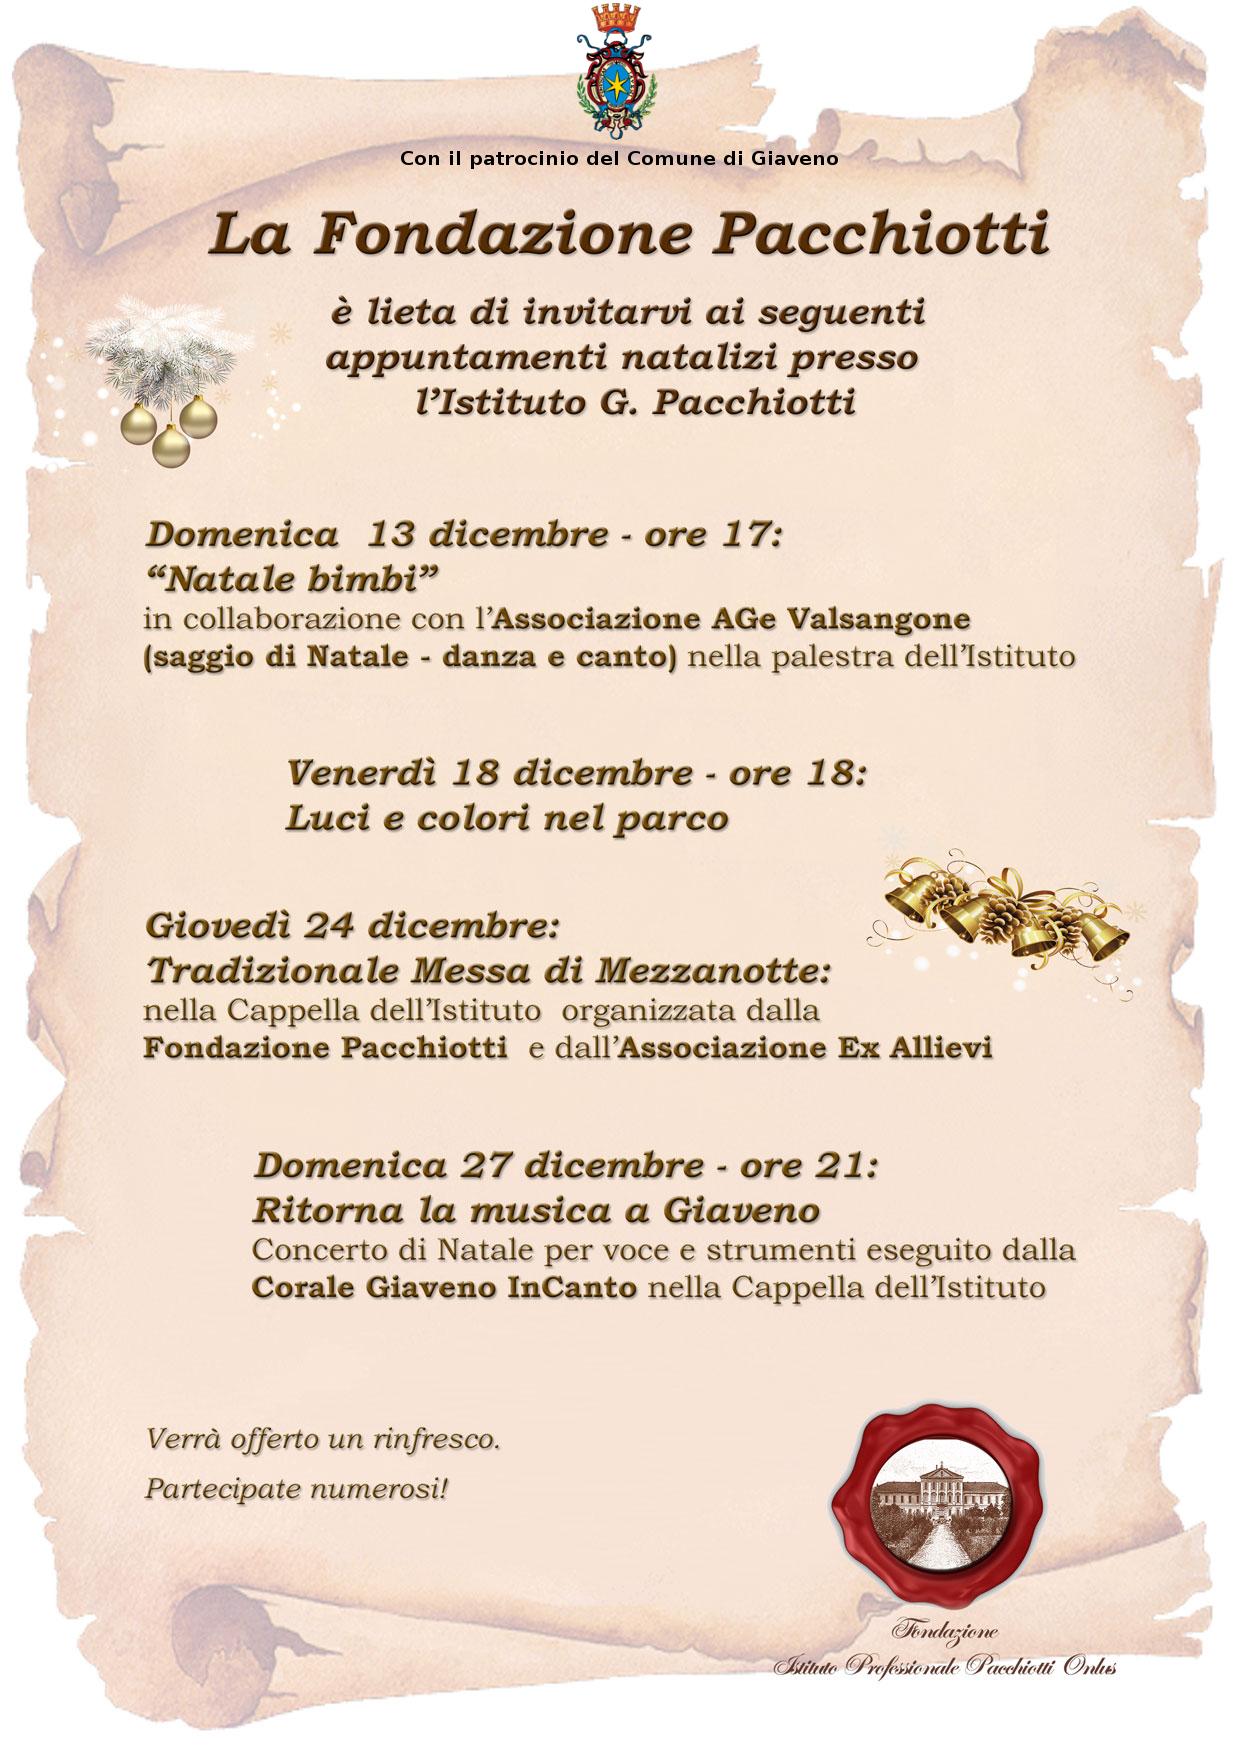 Appuntamenti di Natale presso la Fondazione Pacchiotti